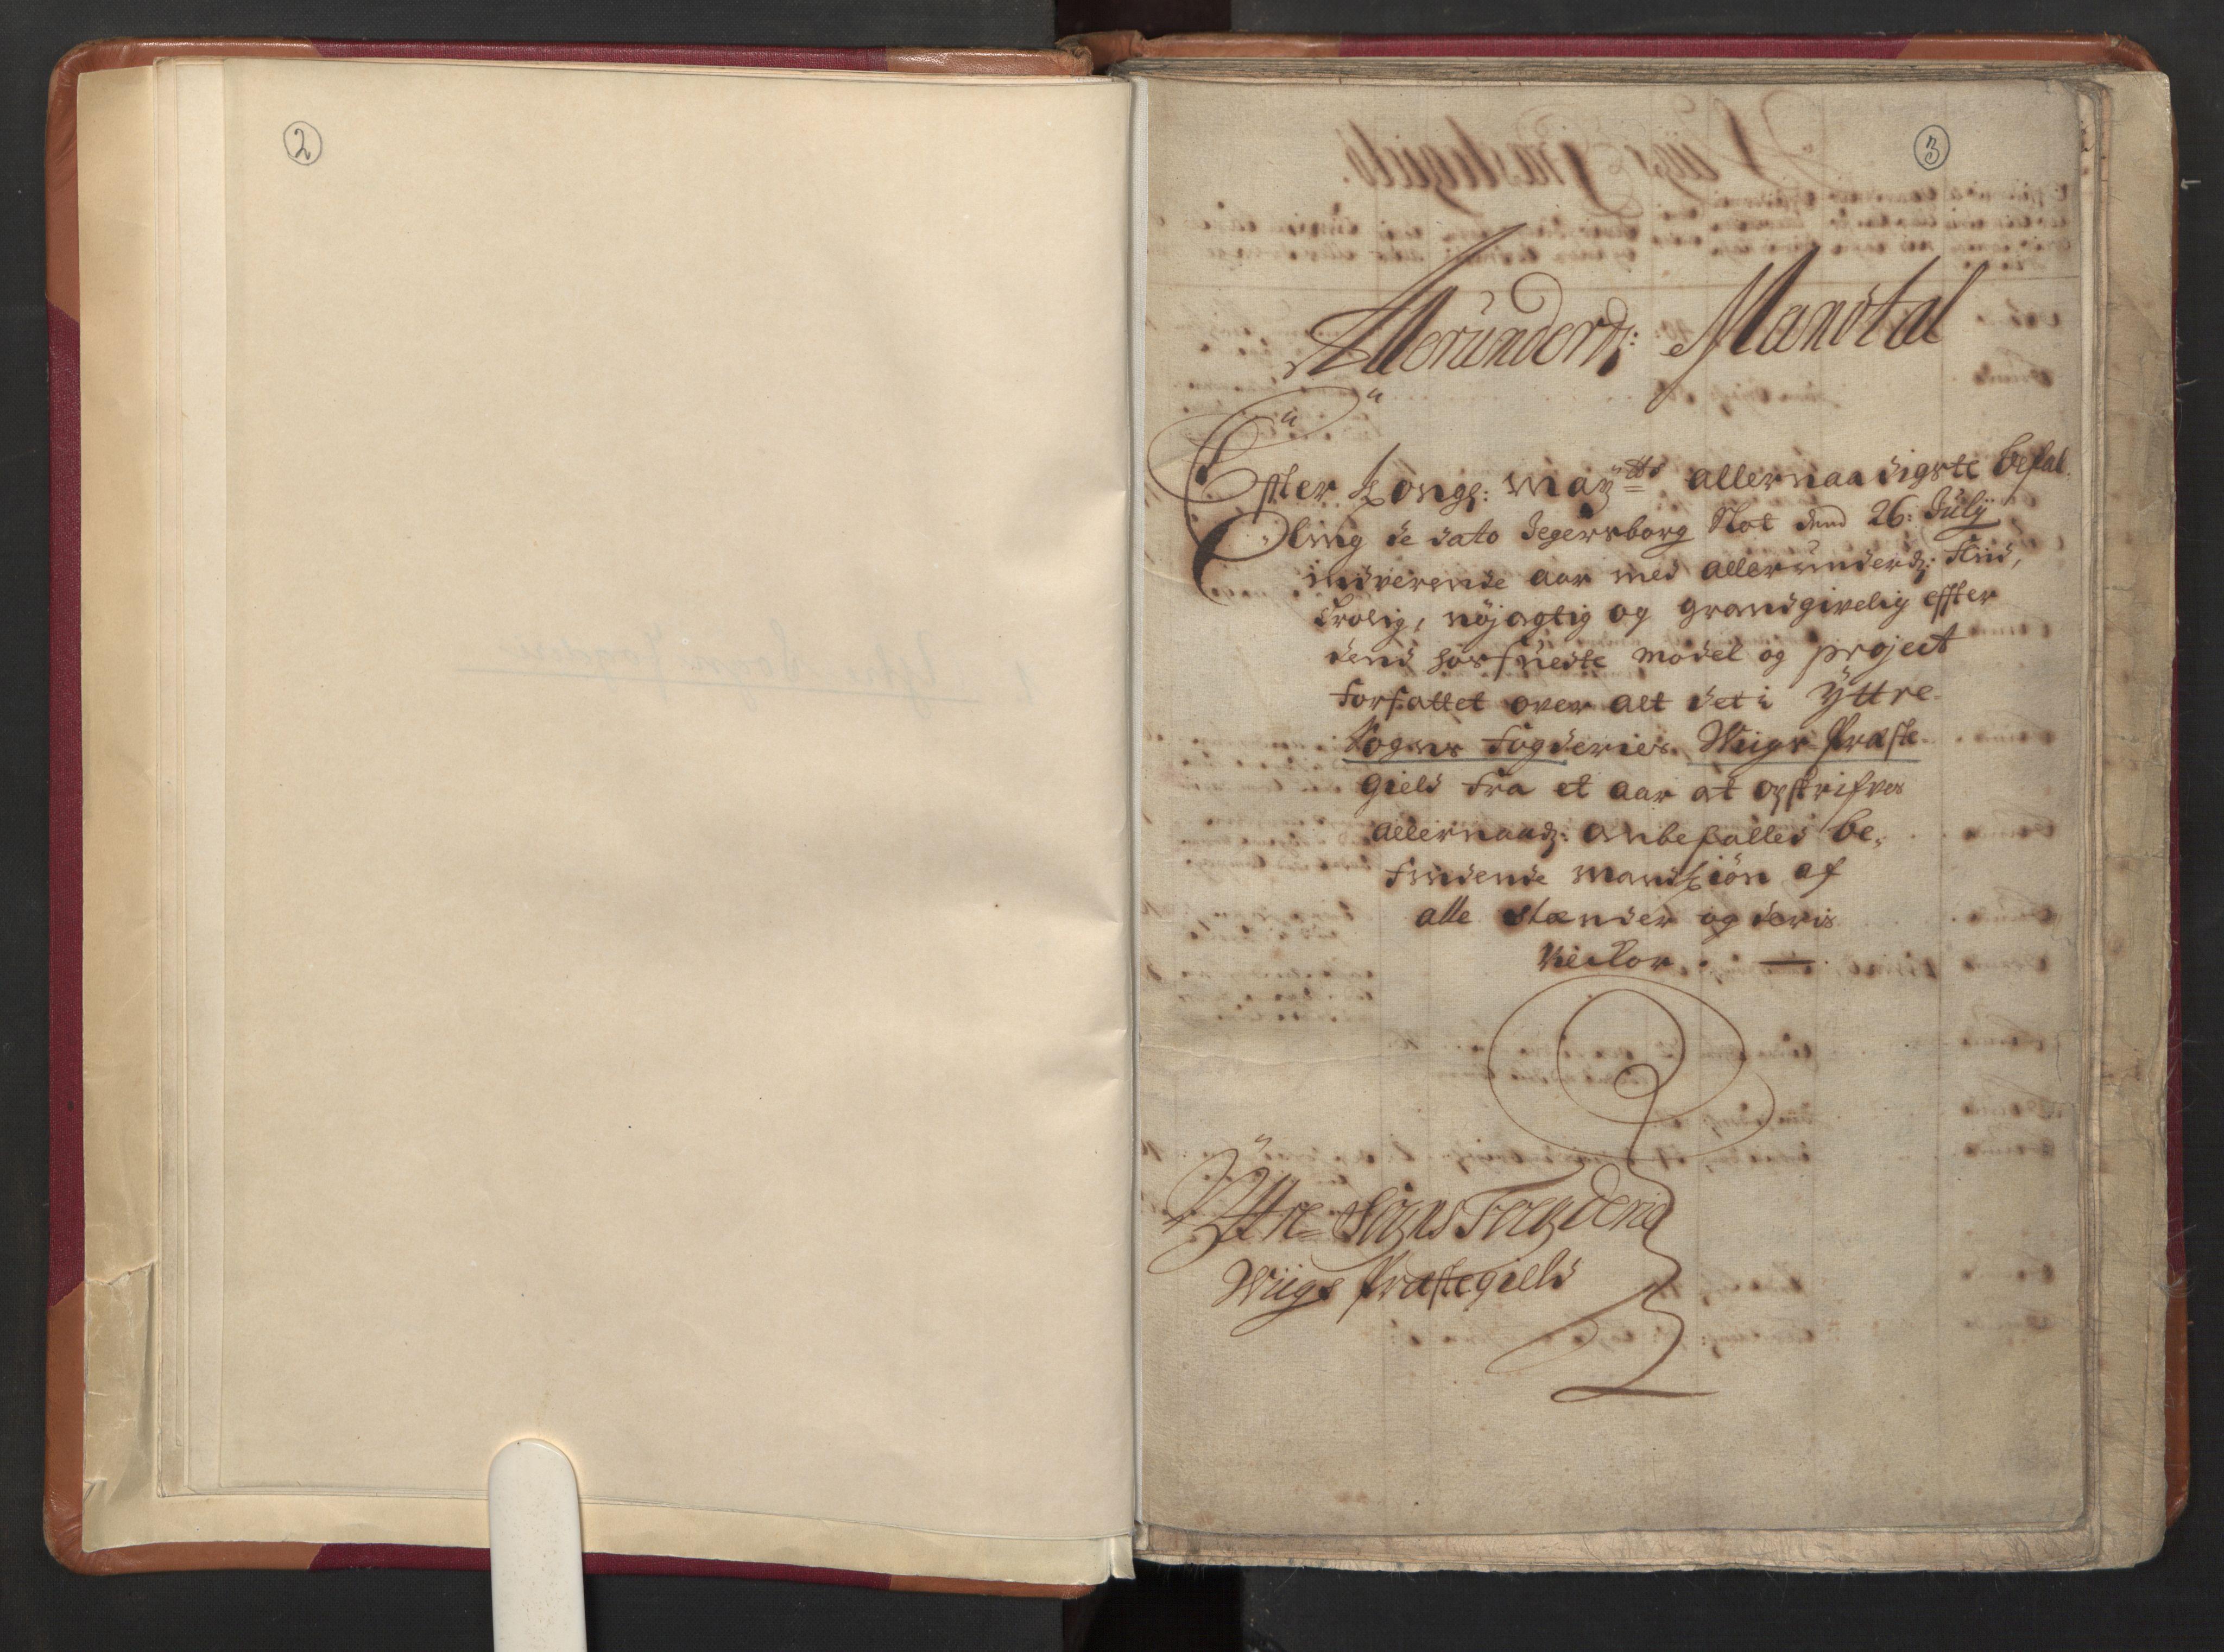 RA, Manntallet 1701, nr. 8: Ytre Sogn fogderi og Indre Sogn fogderi, 1701, s. 2-3